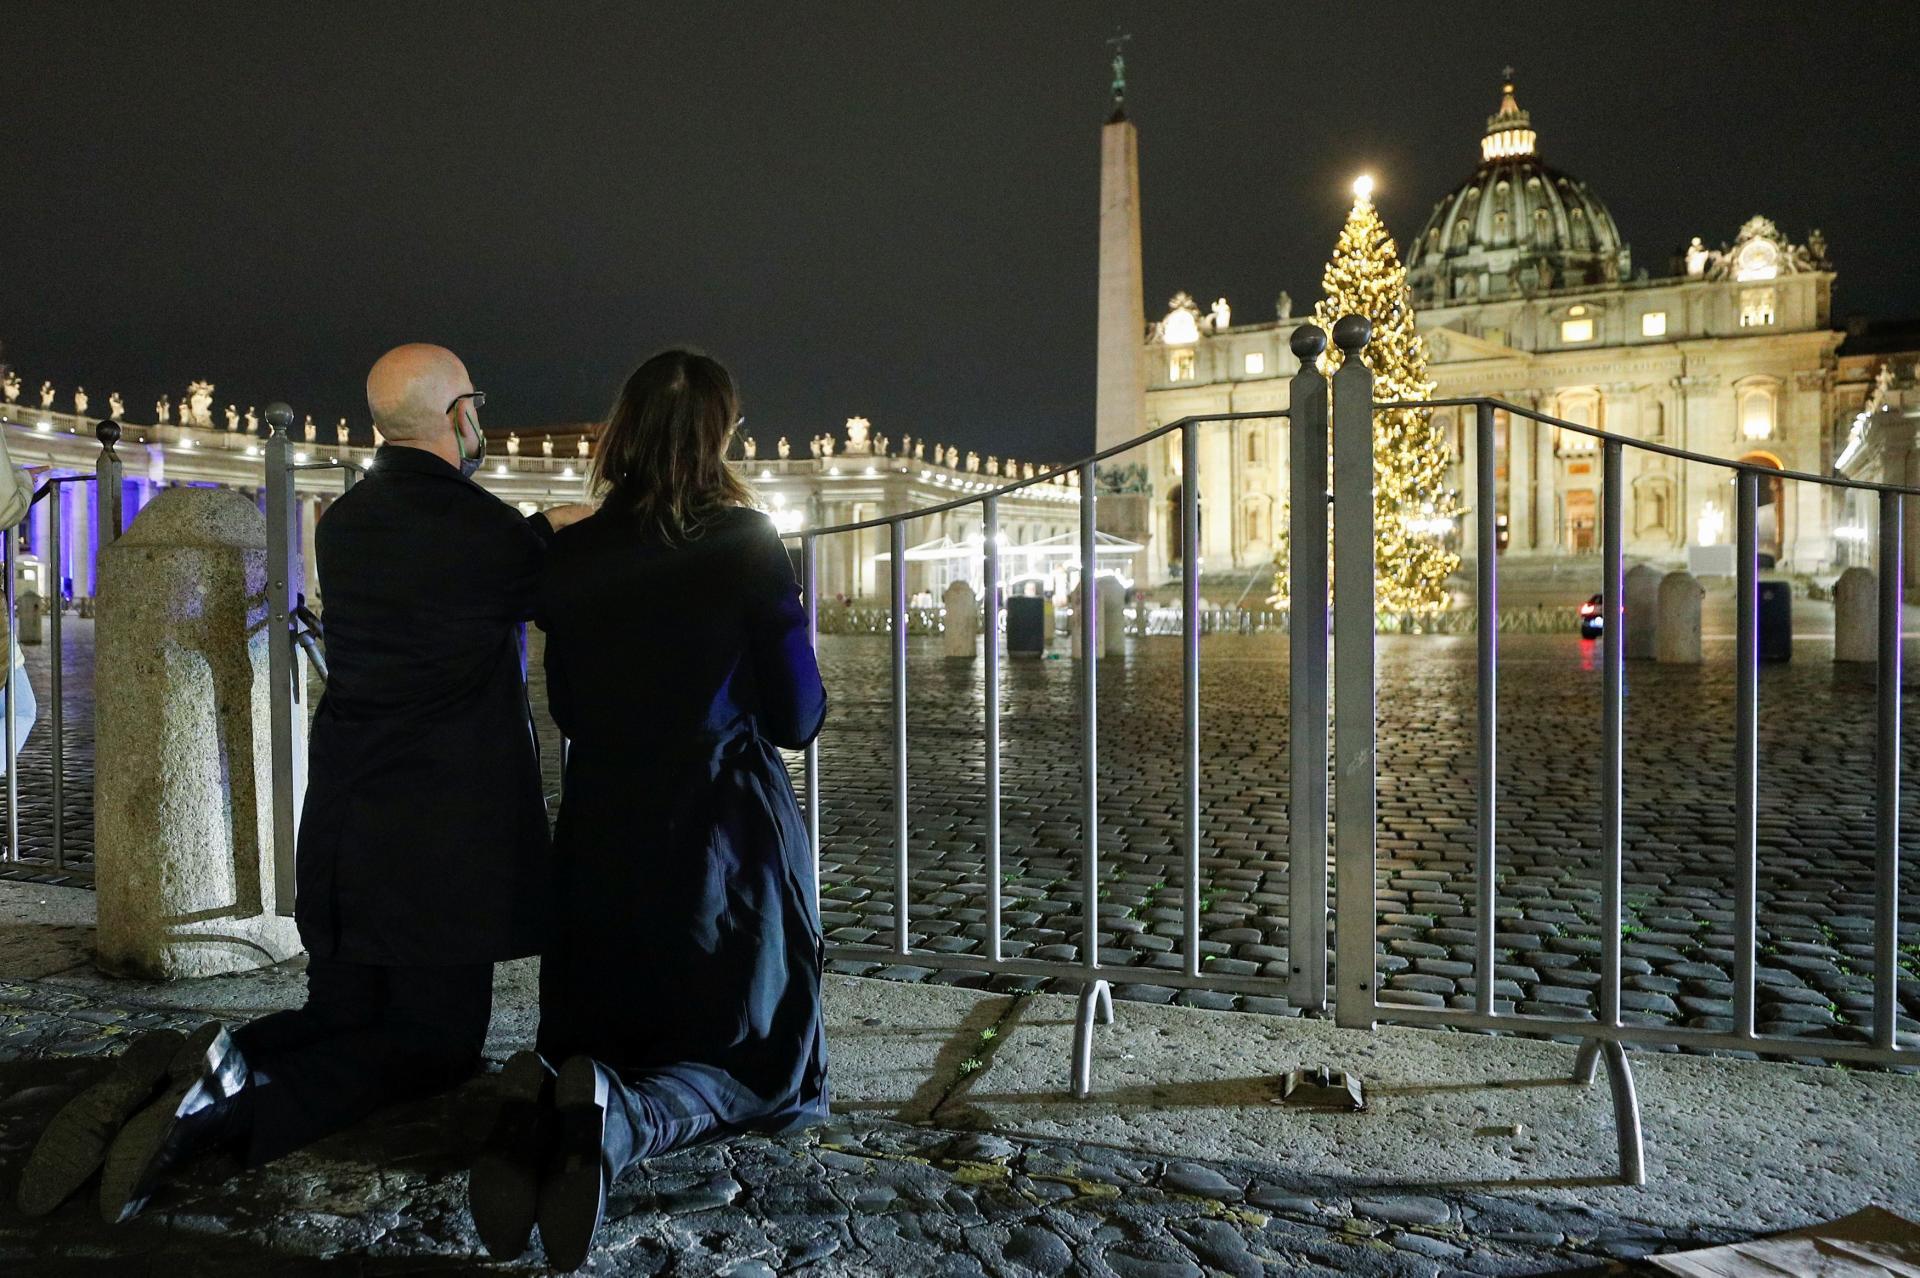 Des fidèles prient sur la place Saint-Pierre, à Rome, alors que le pape est en train de célébrer la messe de Noël dans la basilique, jeudi 24 décembre.